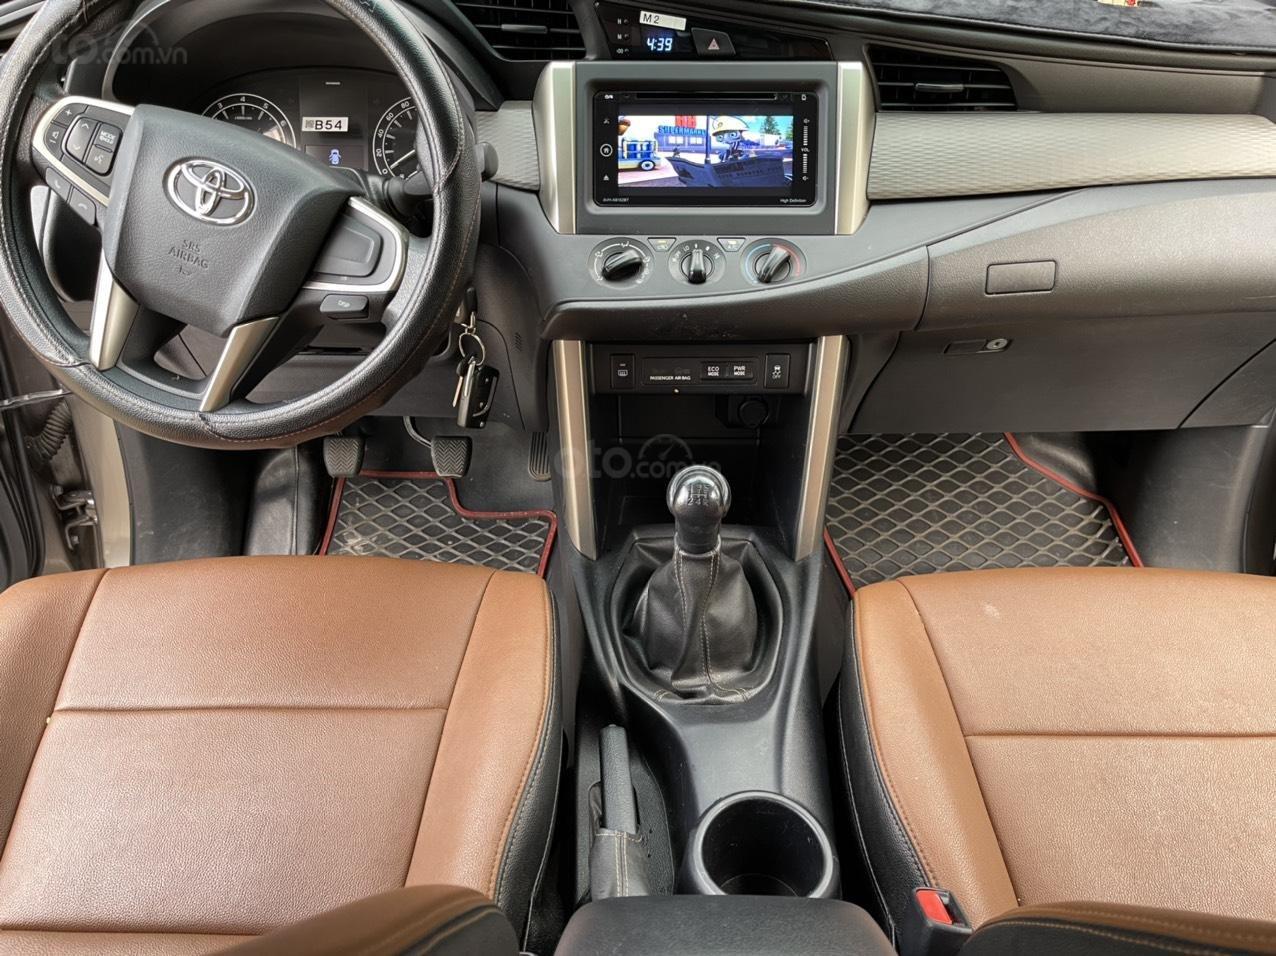 Innova E cuối 2018 xe gia đình sử dụng không kinh doanh dịch vụ ngày nào km chuẩn Options kính xe xe như mới, bảo hiểm 2 chiều (6)